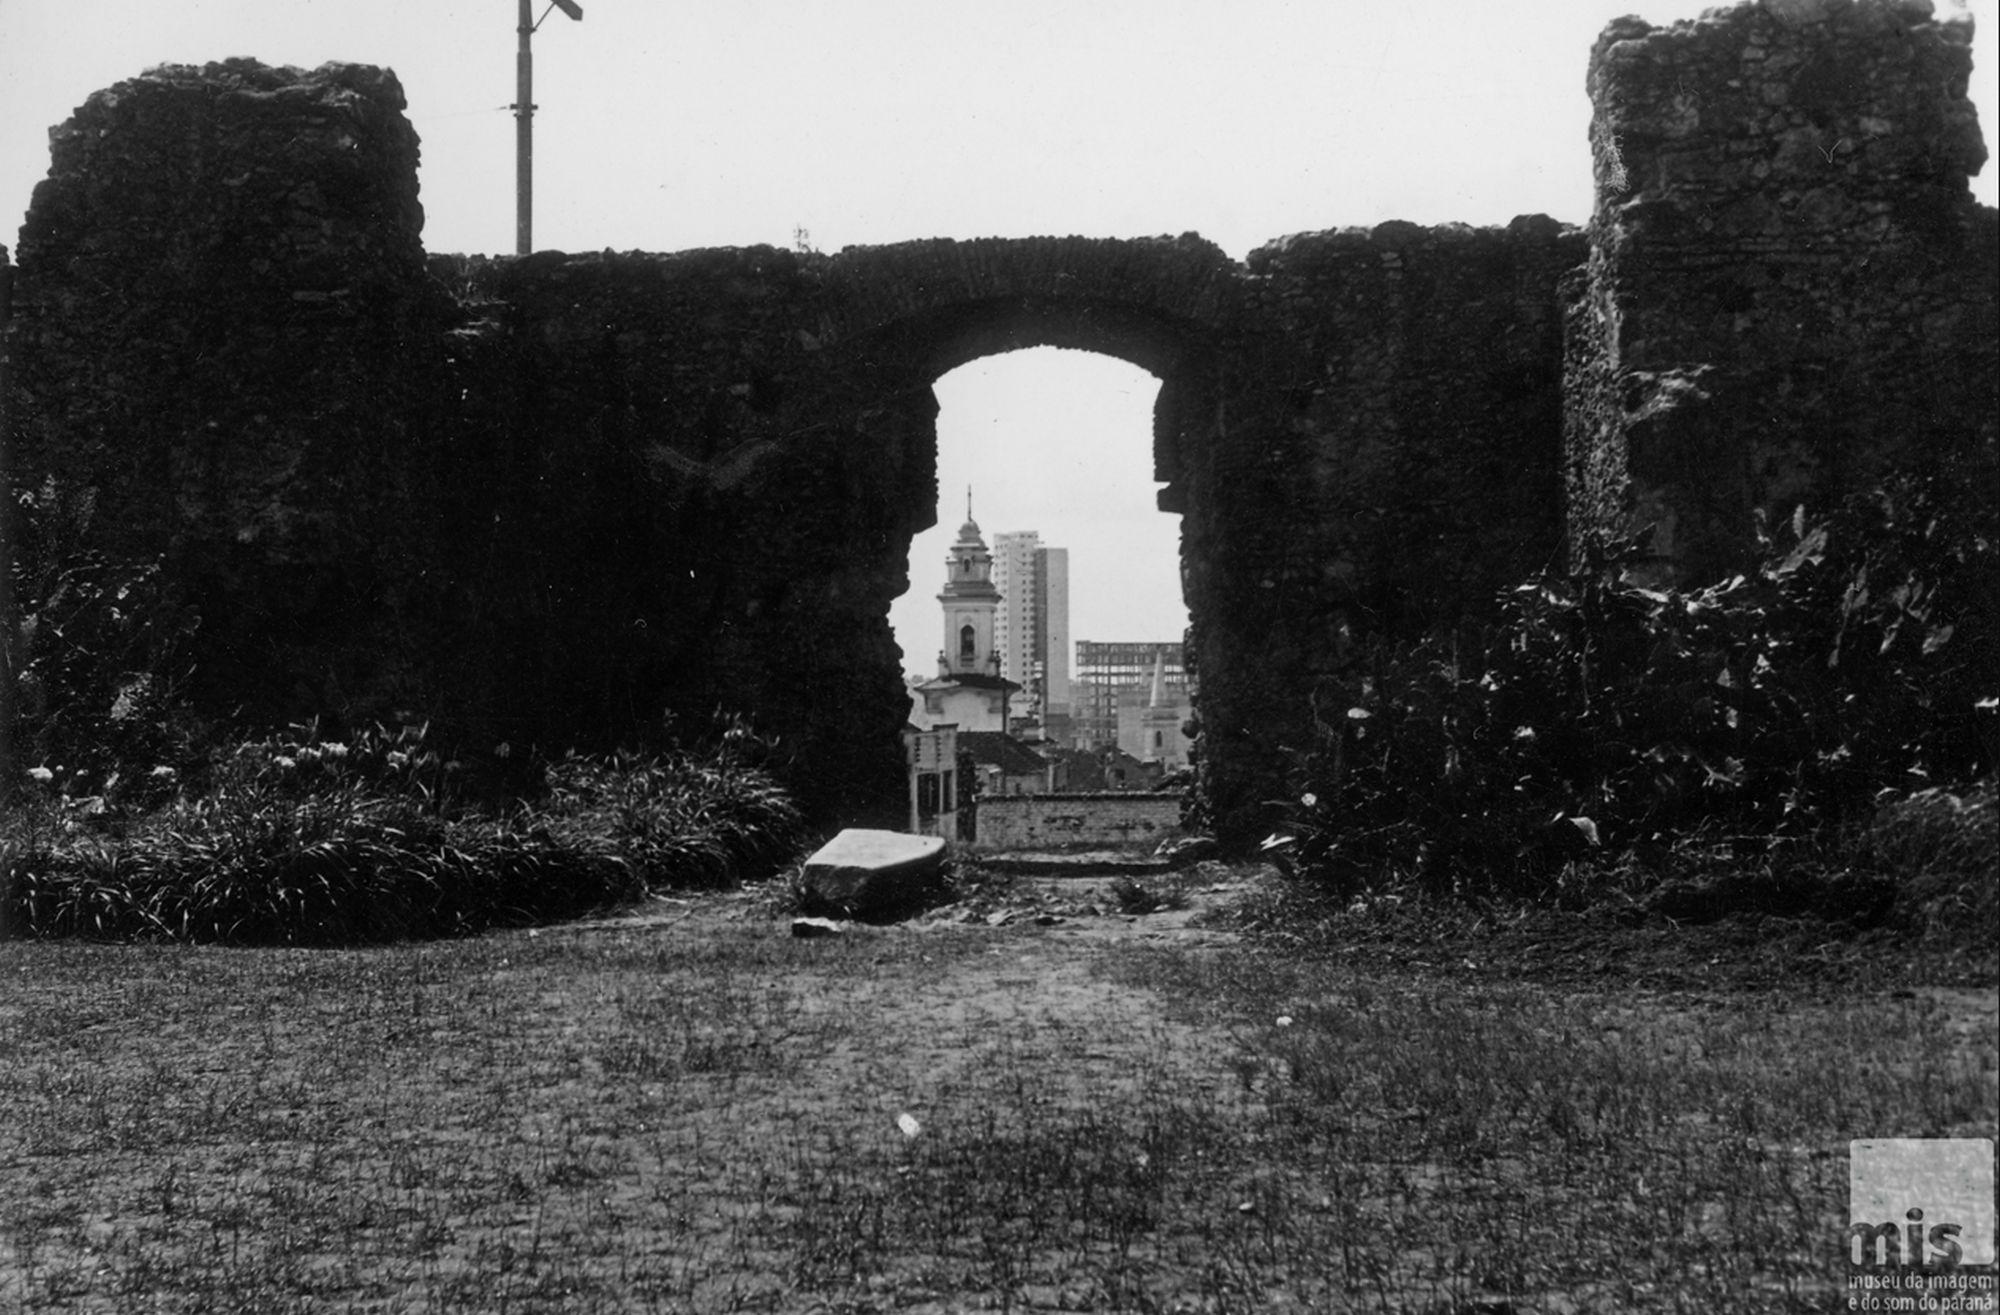 Conheça a Curitiba de 70 anos atrás em visita guiada pelo centro